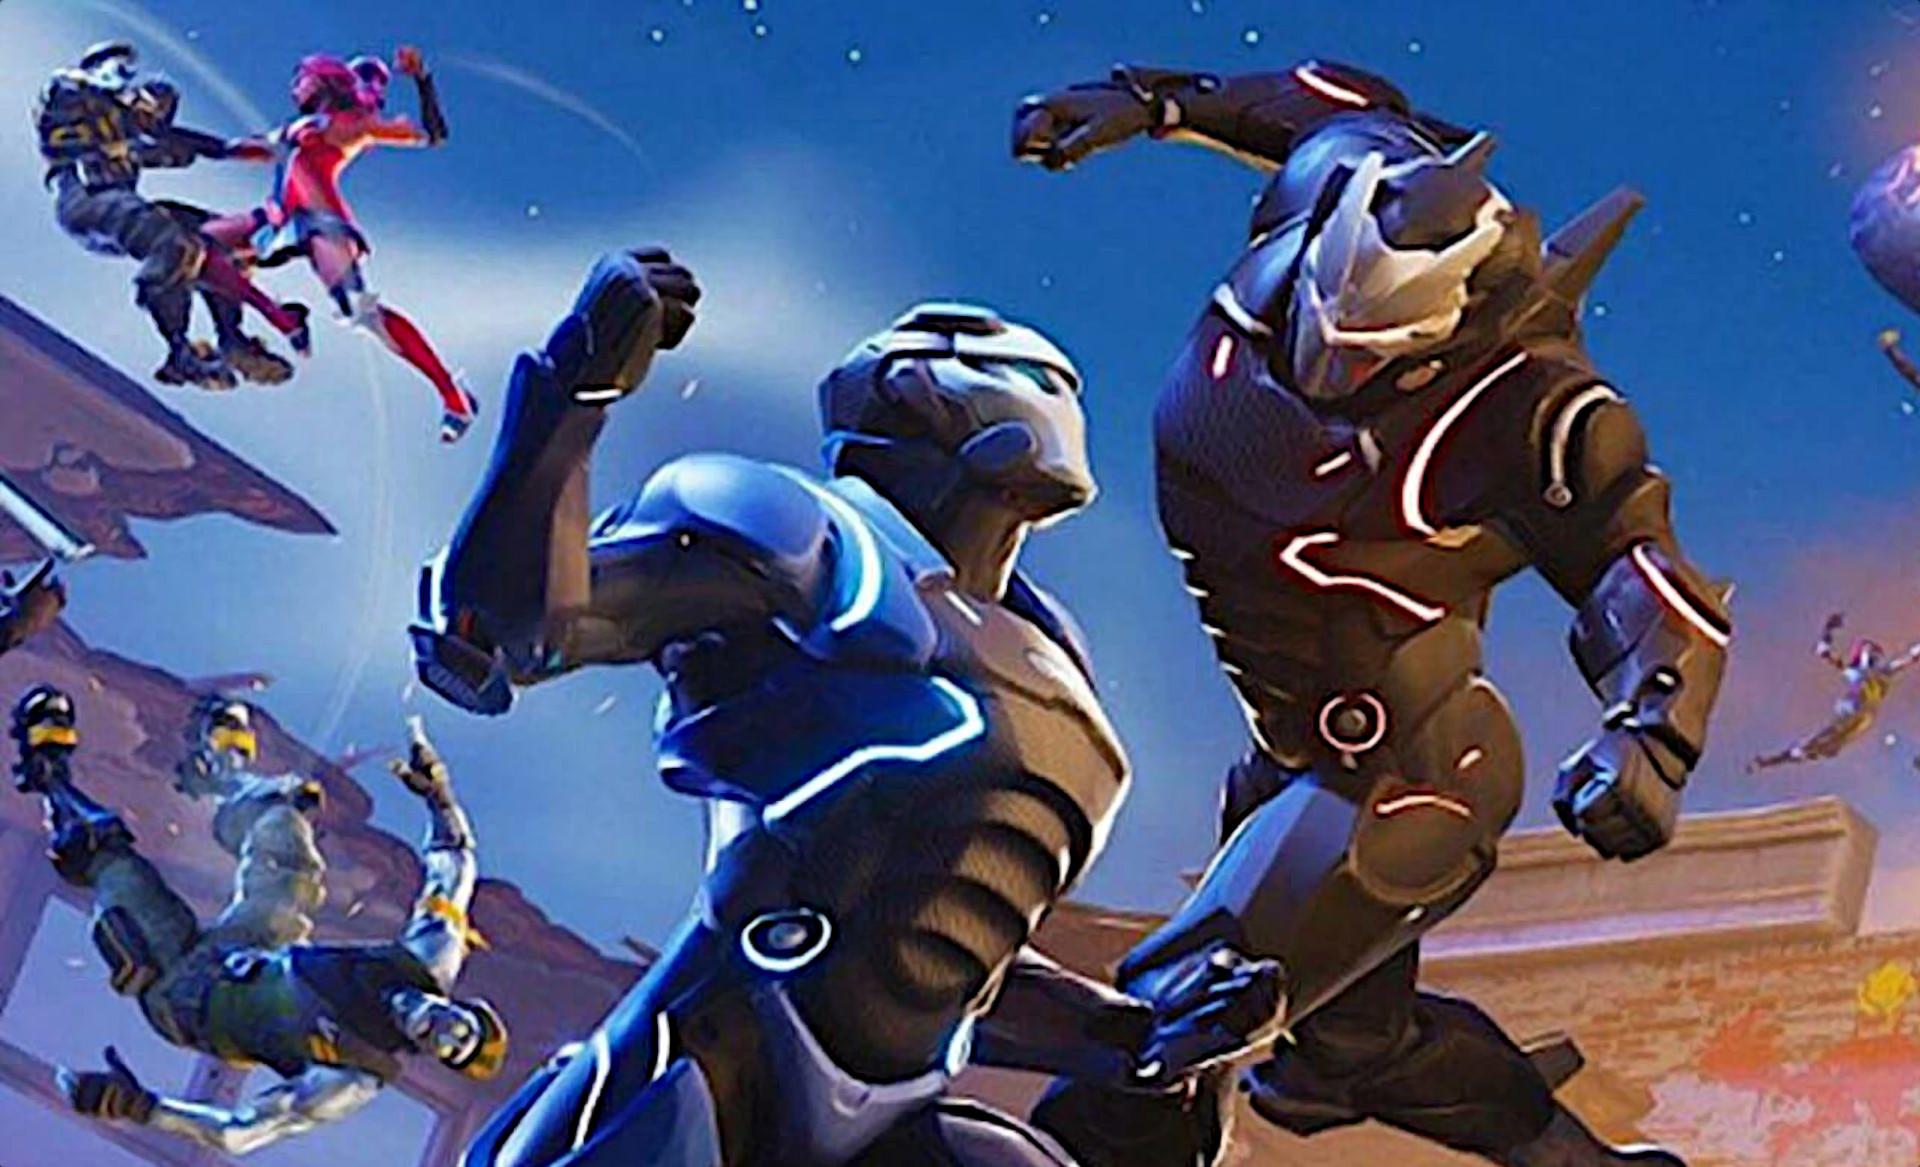 Wird Fortnite Battle Royale Apex Legends überleben